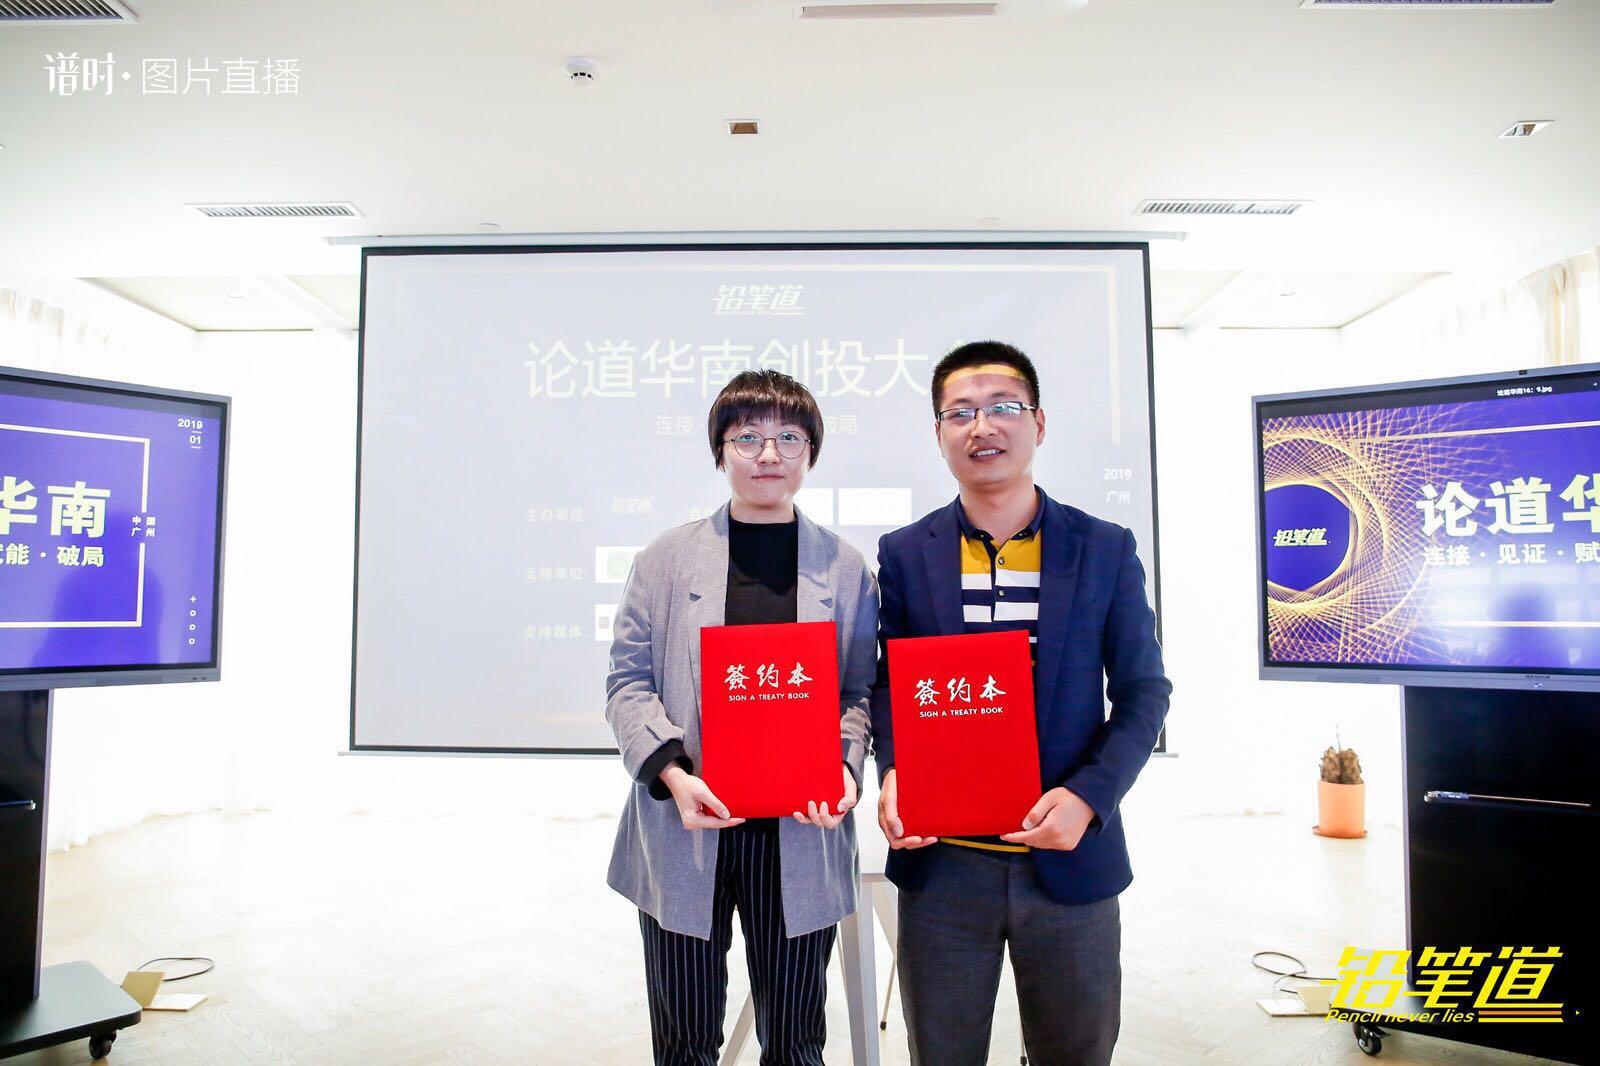 铅笔道华南与网易广东创投频道达成战略合作